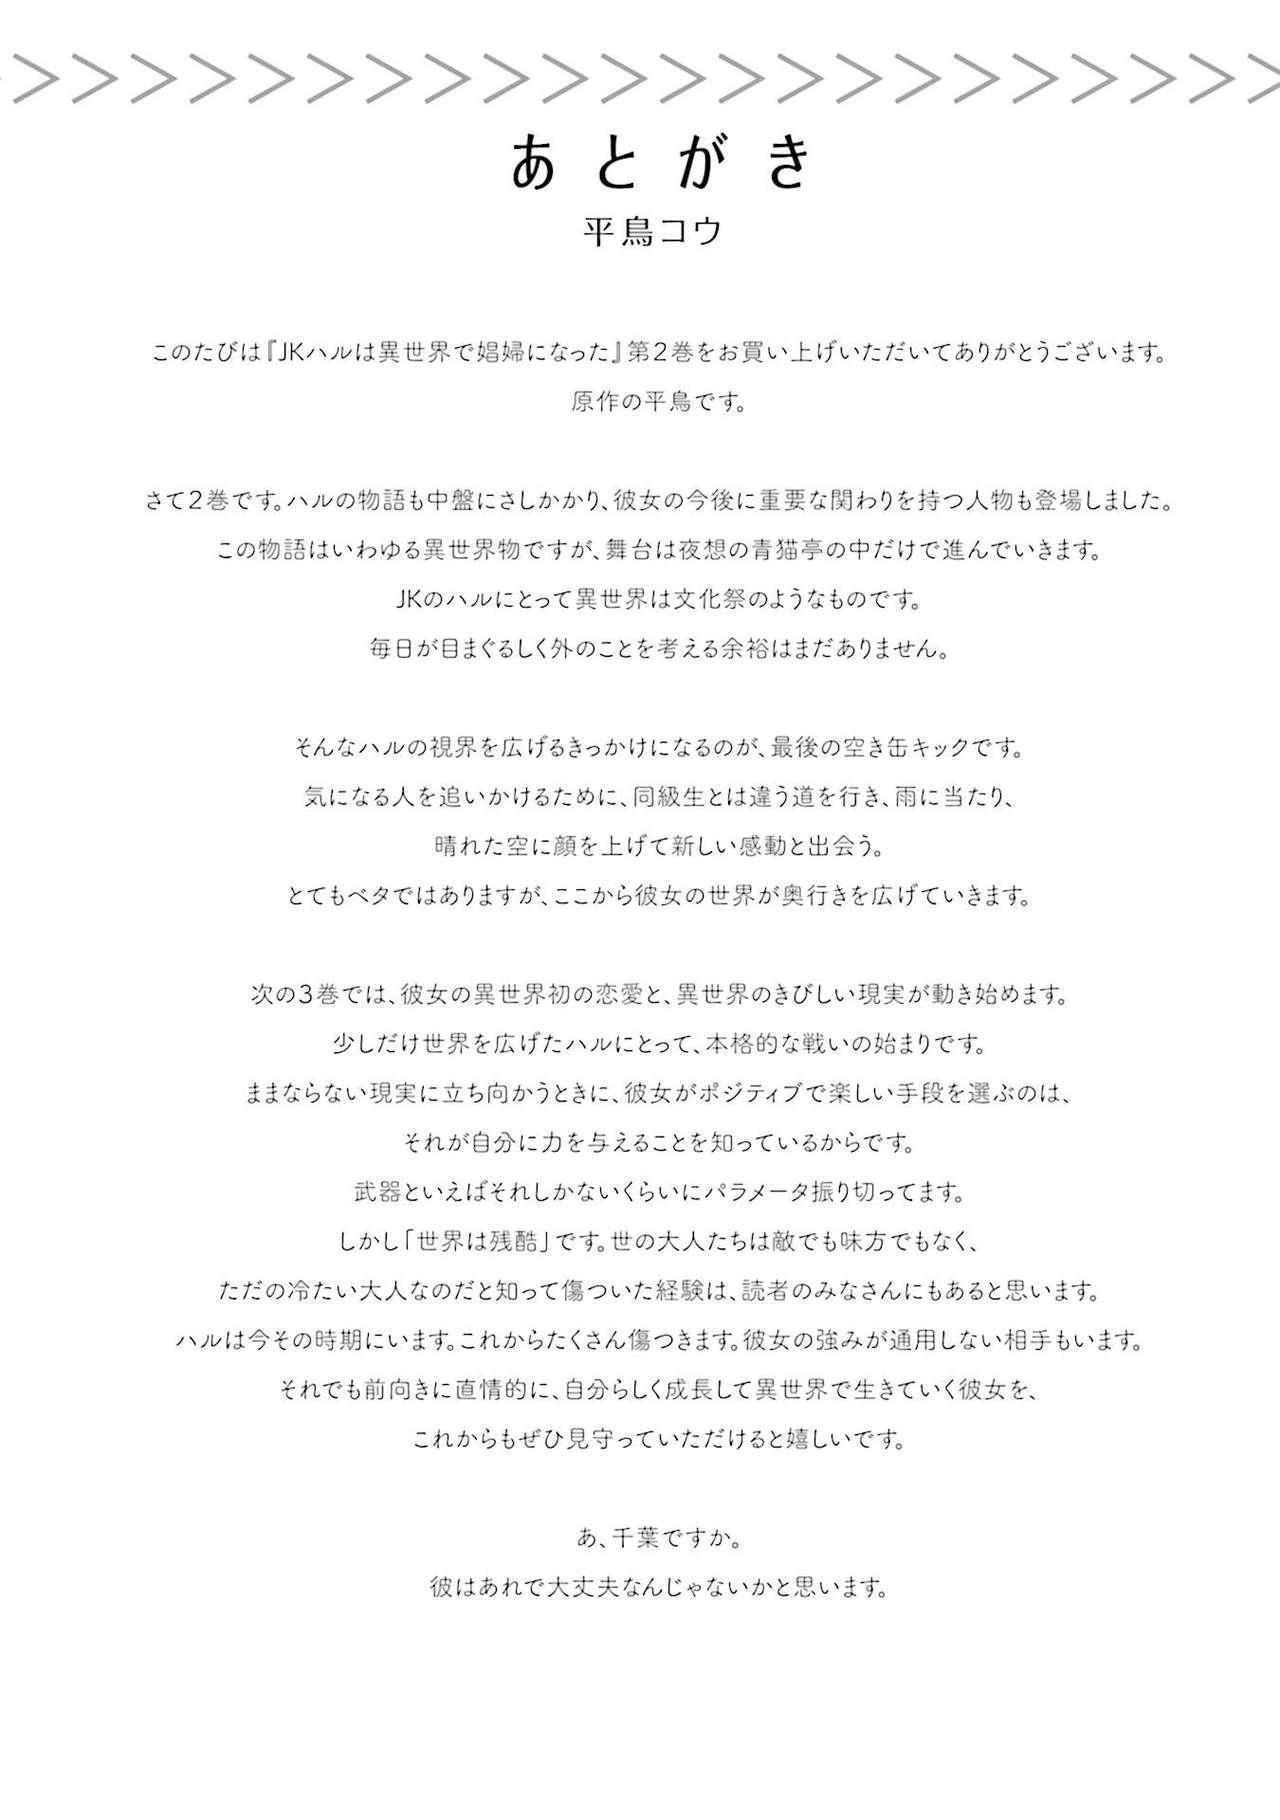 JK Haru wa Isekai de Shoufu ni Natta 1-14 342